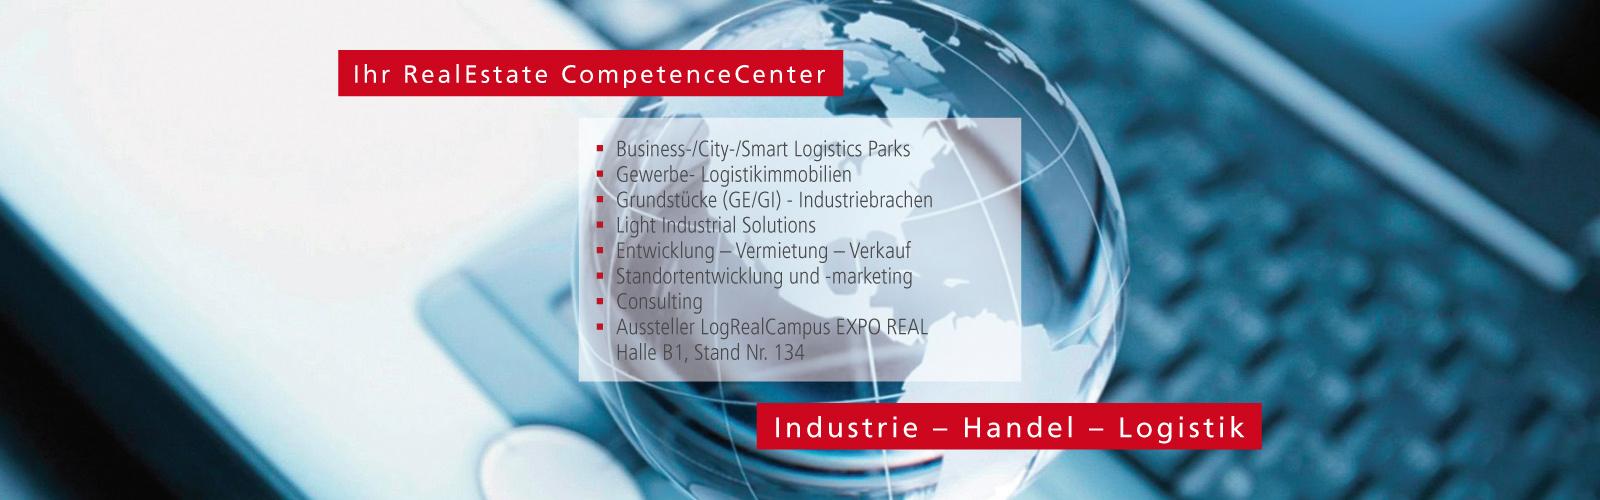 Das Wichtigste über uns in Kürze erfahren Sie in unserer Unternehmensbroschüre.